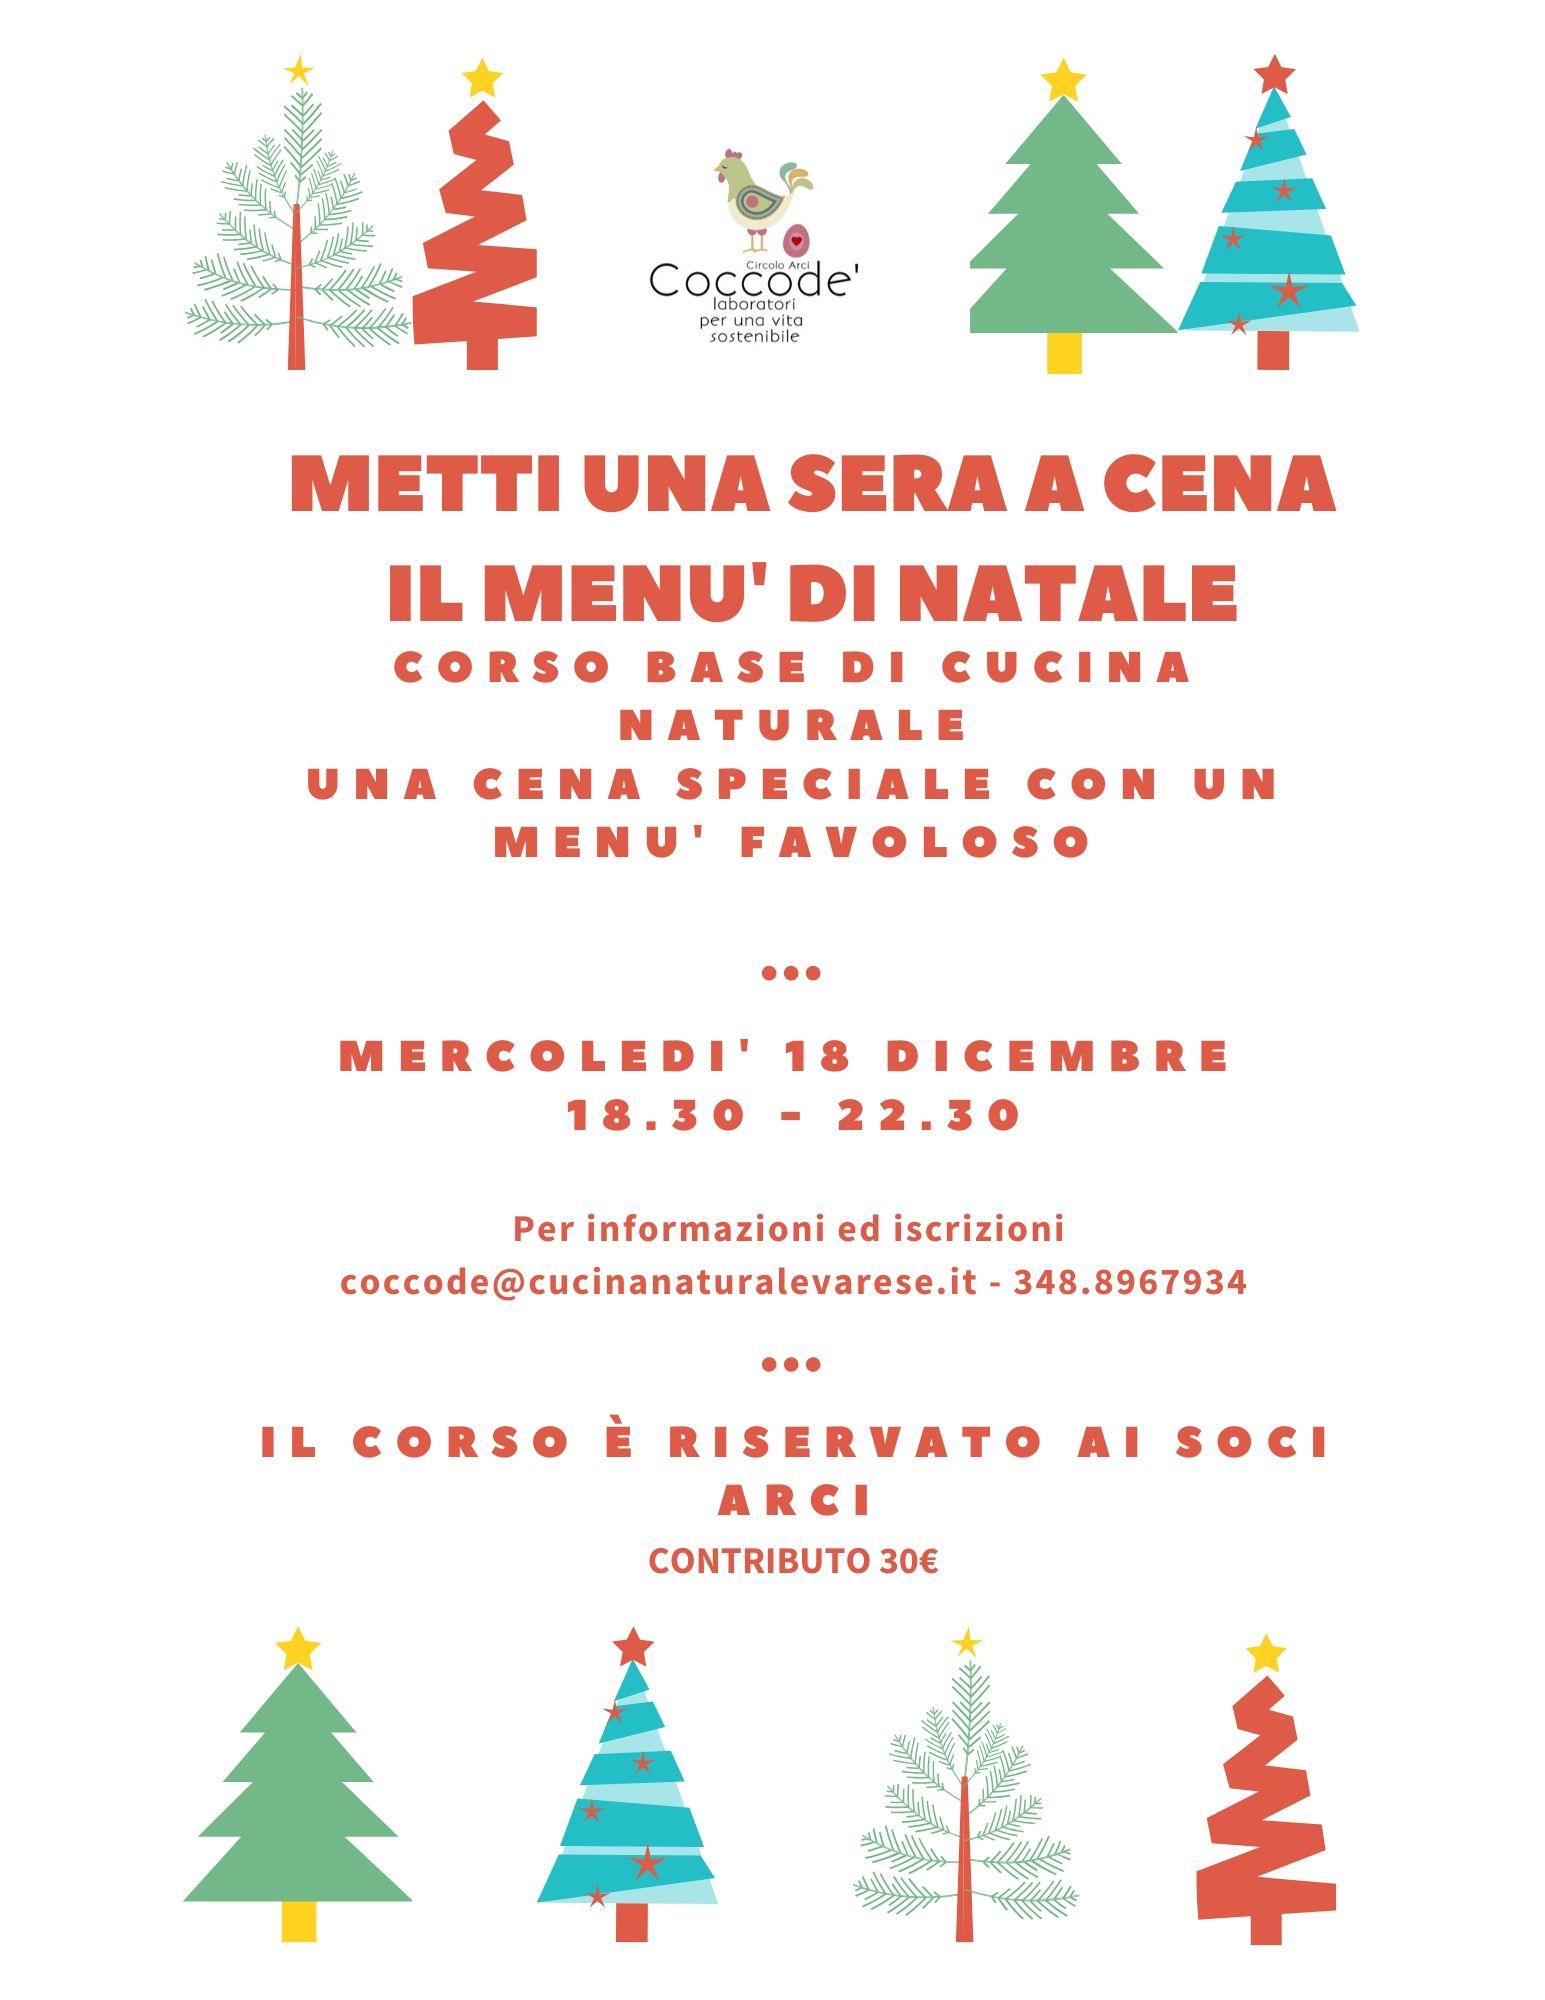 il menu' di Natale corso a Venegono